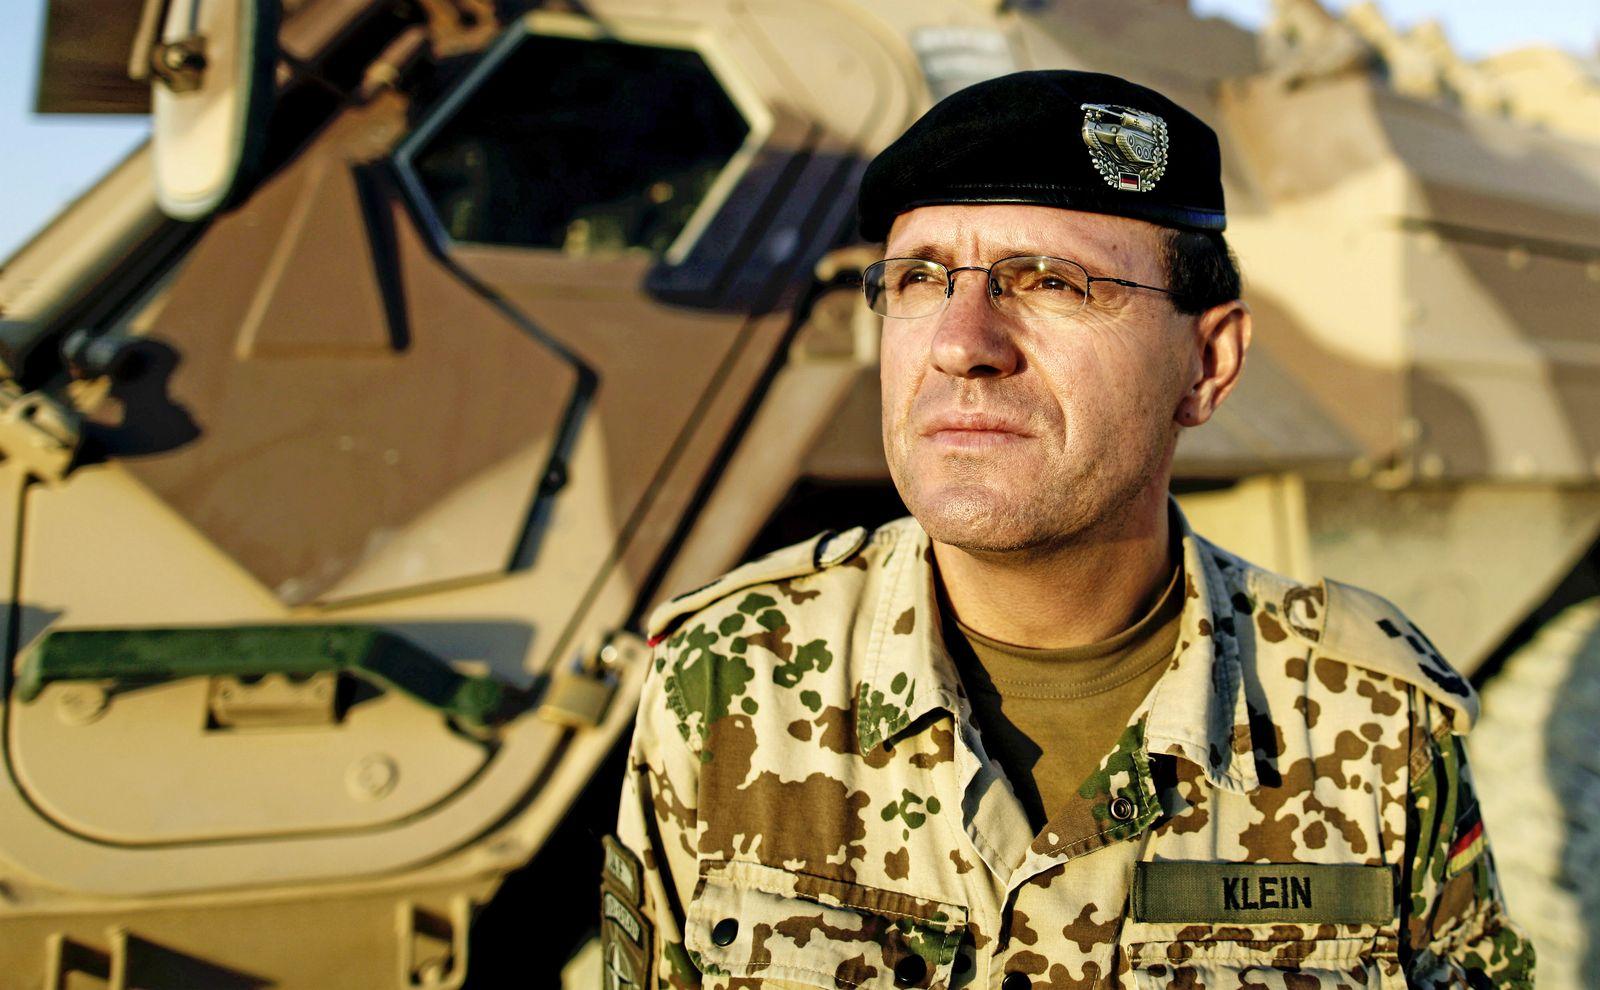 Oberst Georg Klein